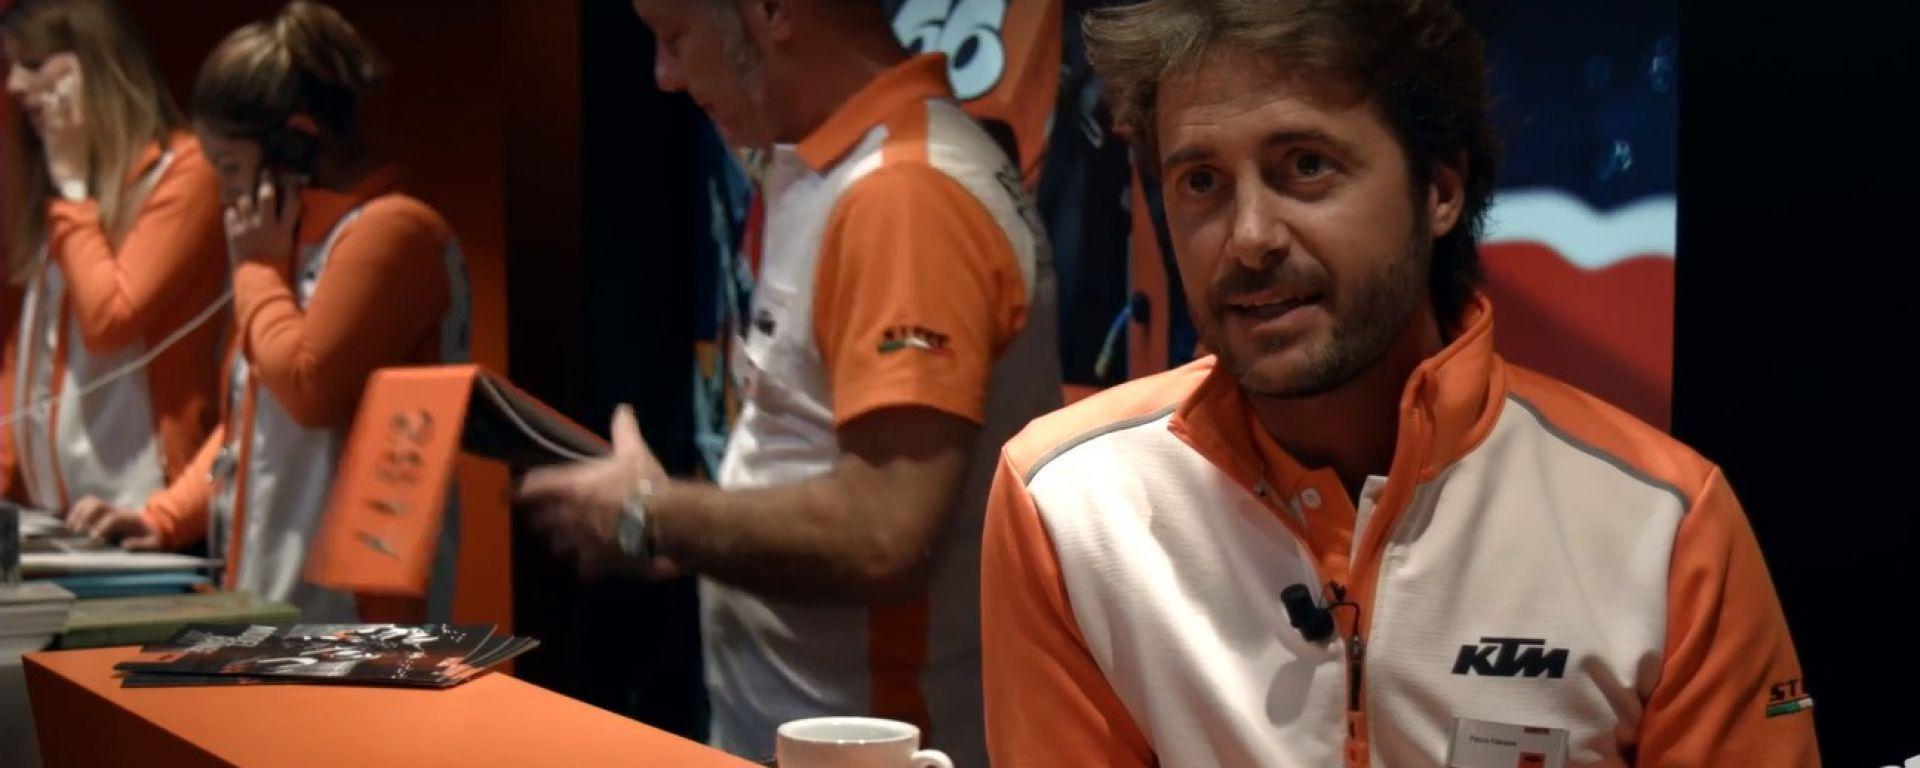 Paolo Fabiano, Marketing Manager KTM Italia